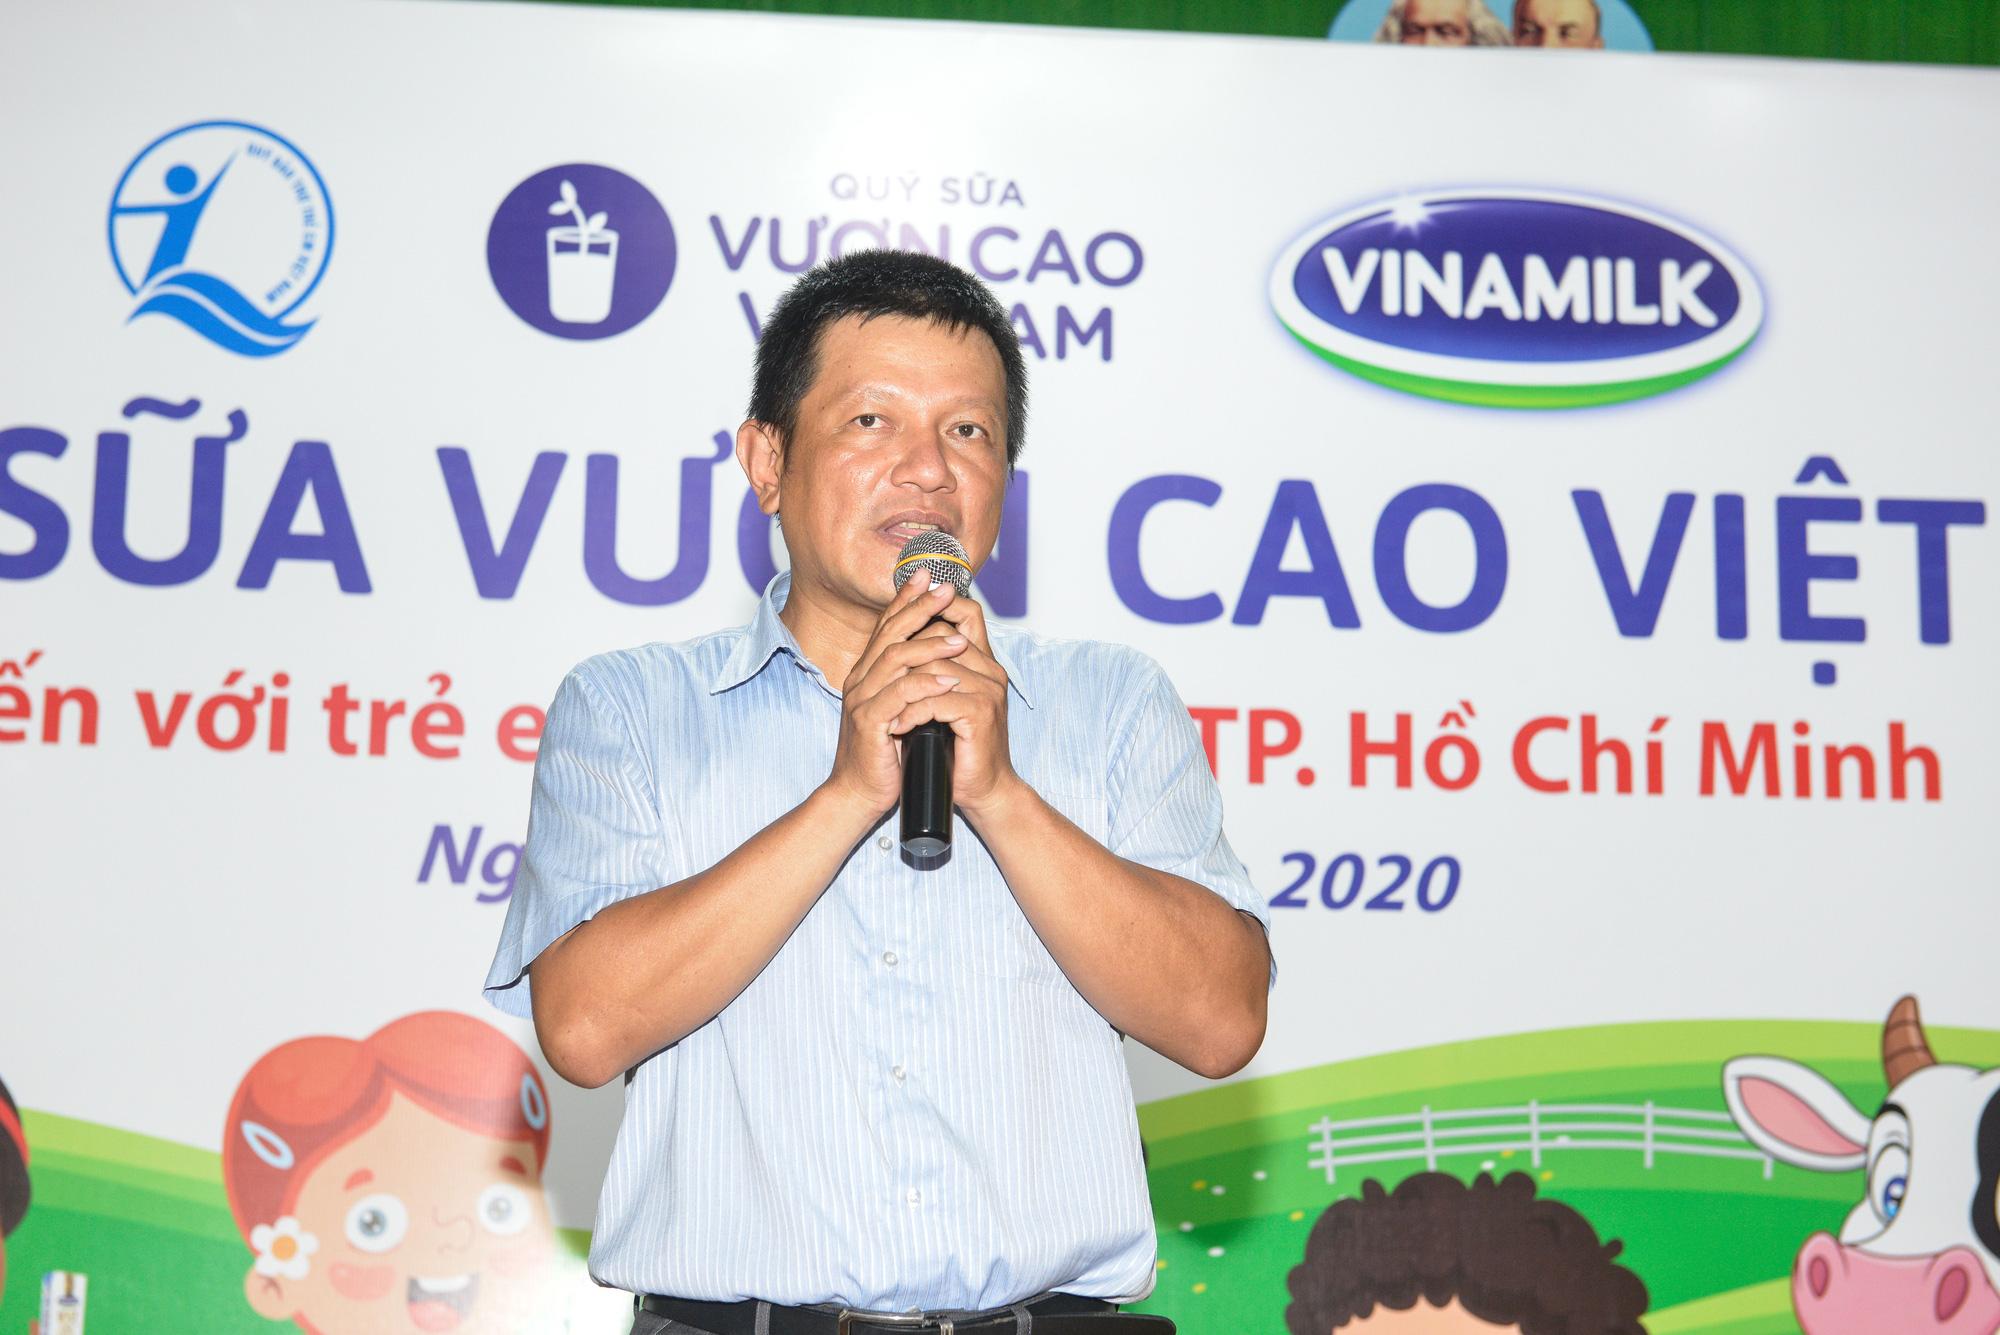 Quỹ sữa Vươn cao Việt Nam đến với trẻ khó khăn TP.HCM - Ảnh 3.